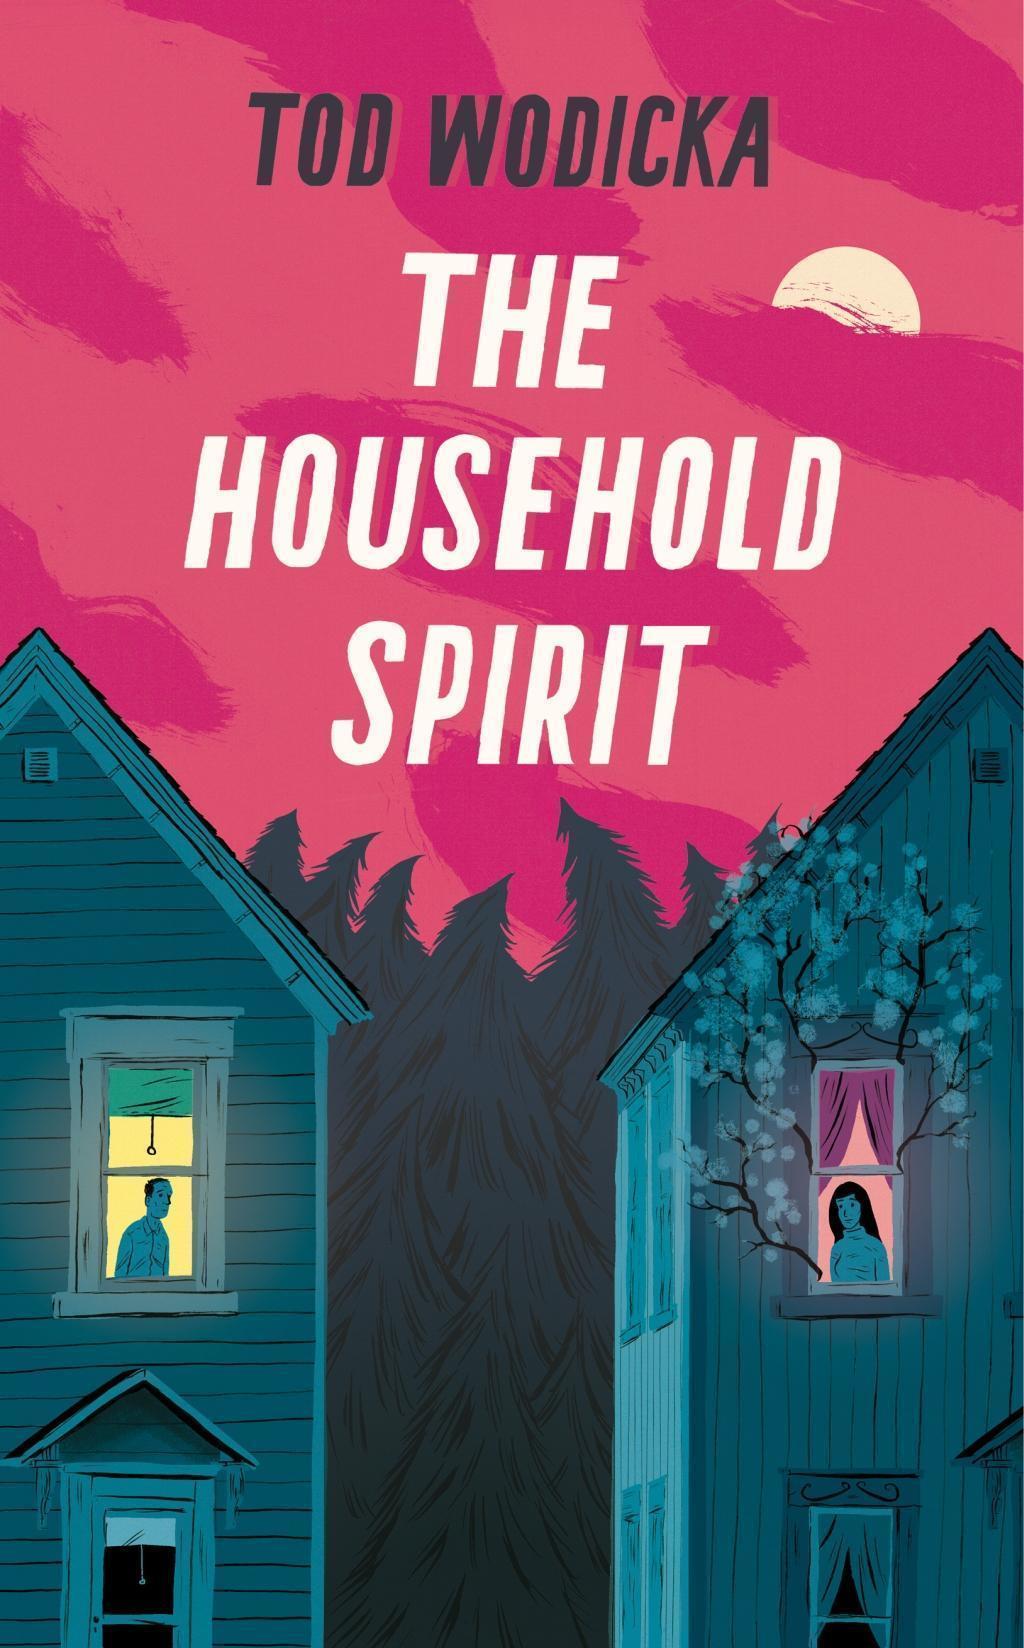 The Household Spirit